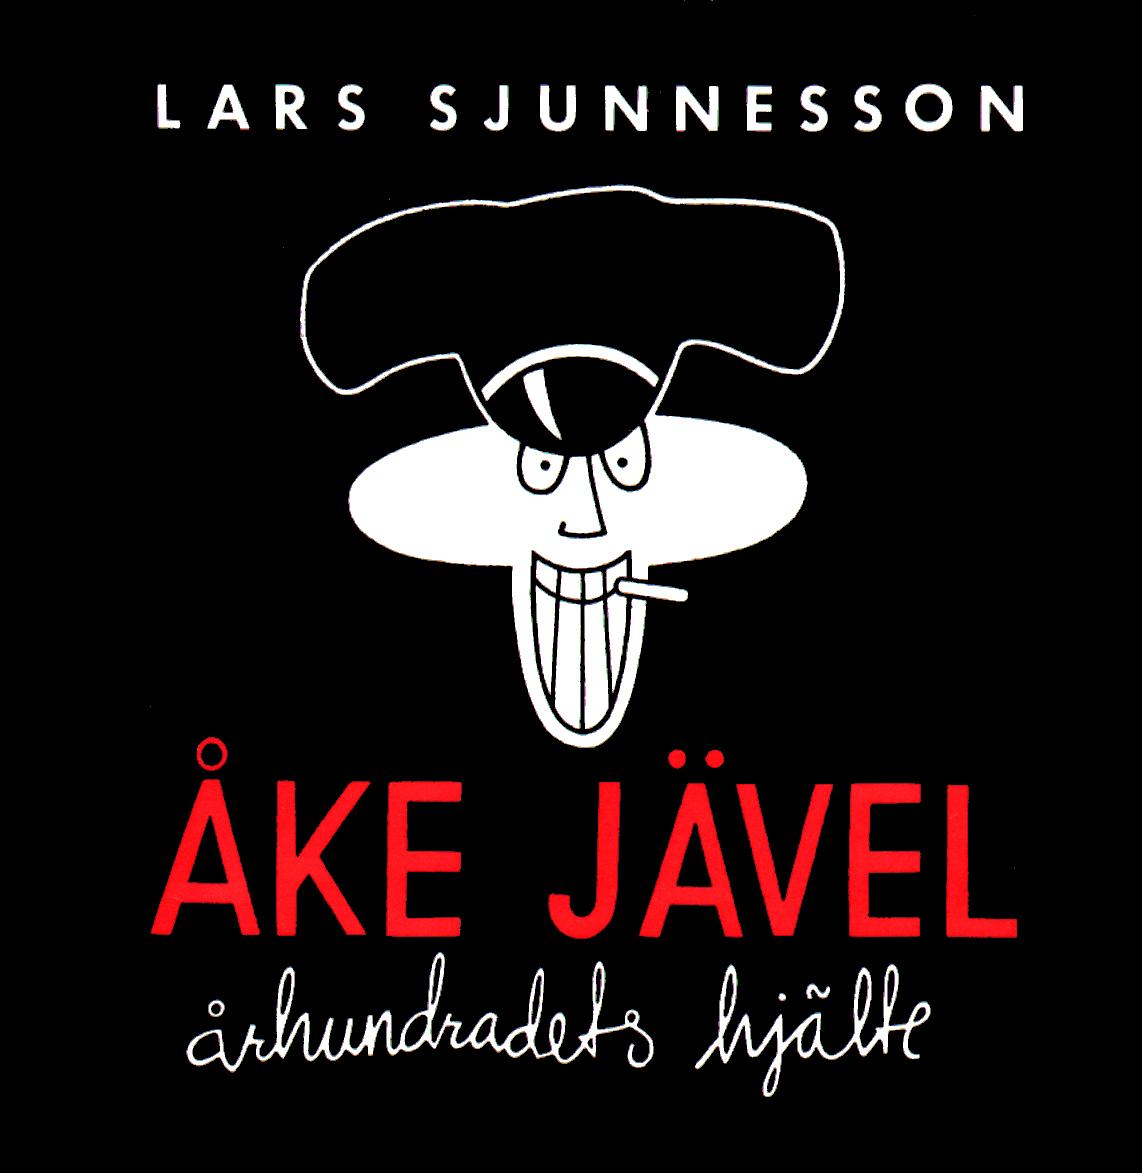 Åke Jävel (Swedish language, 2009, Galago)